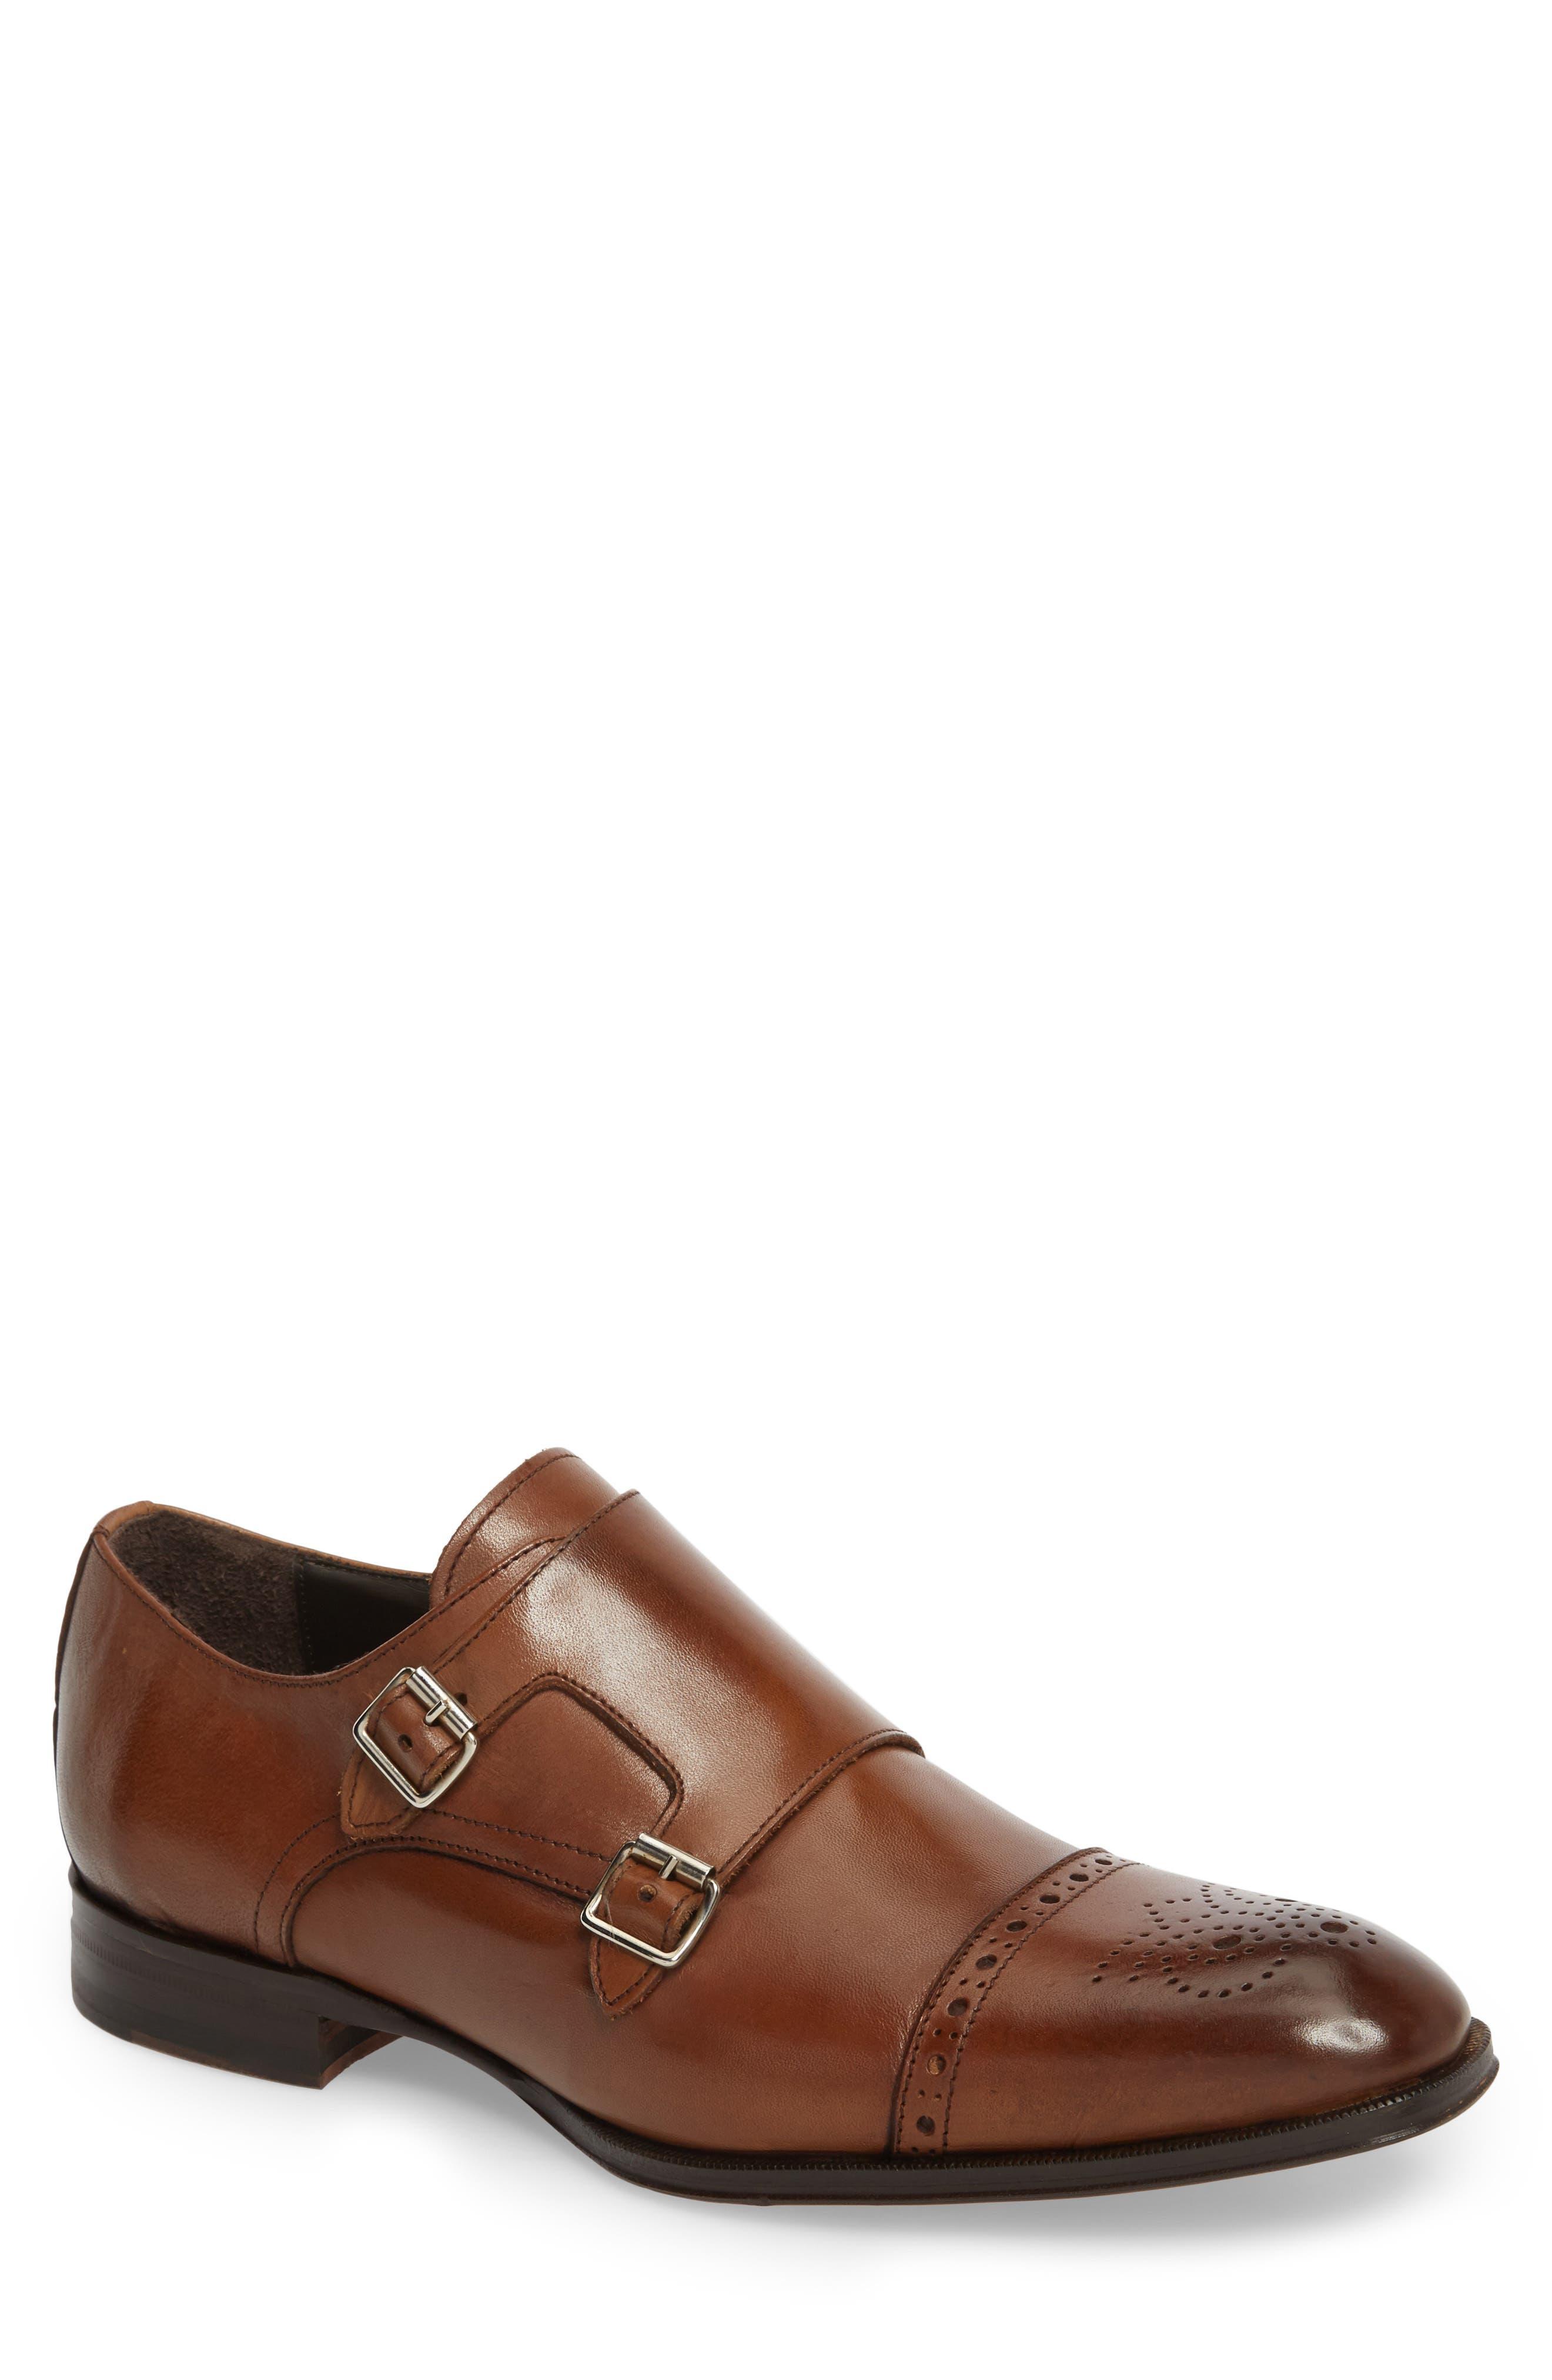 Dreyfus Cap Toe Monk Shoe,                             Main thumbnail 1, color,                             Brown